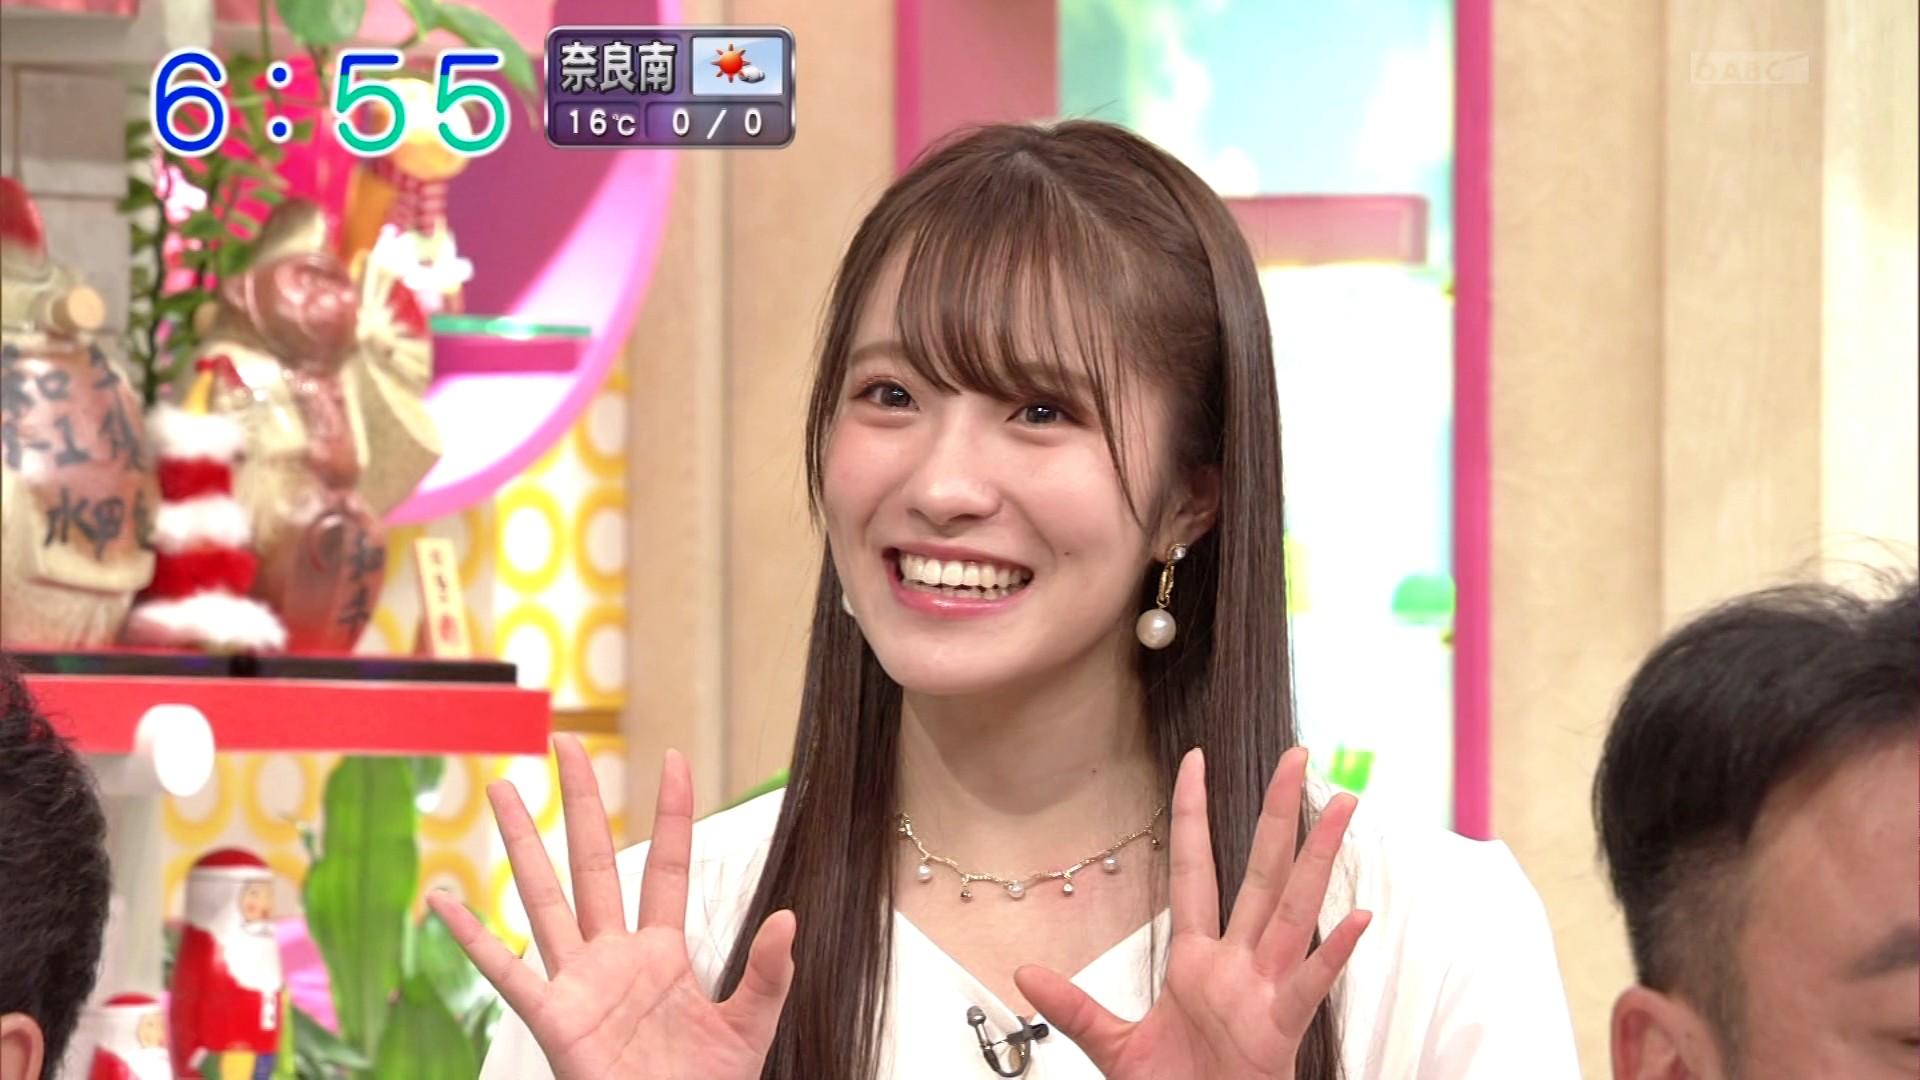 【小嶋花梨】こじりんが出演した12月10日に放送された「おはよう朝日です」の画像。